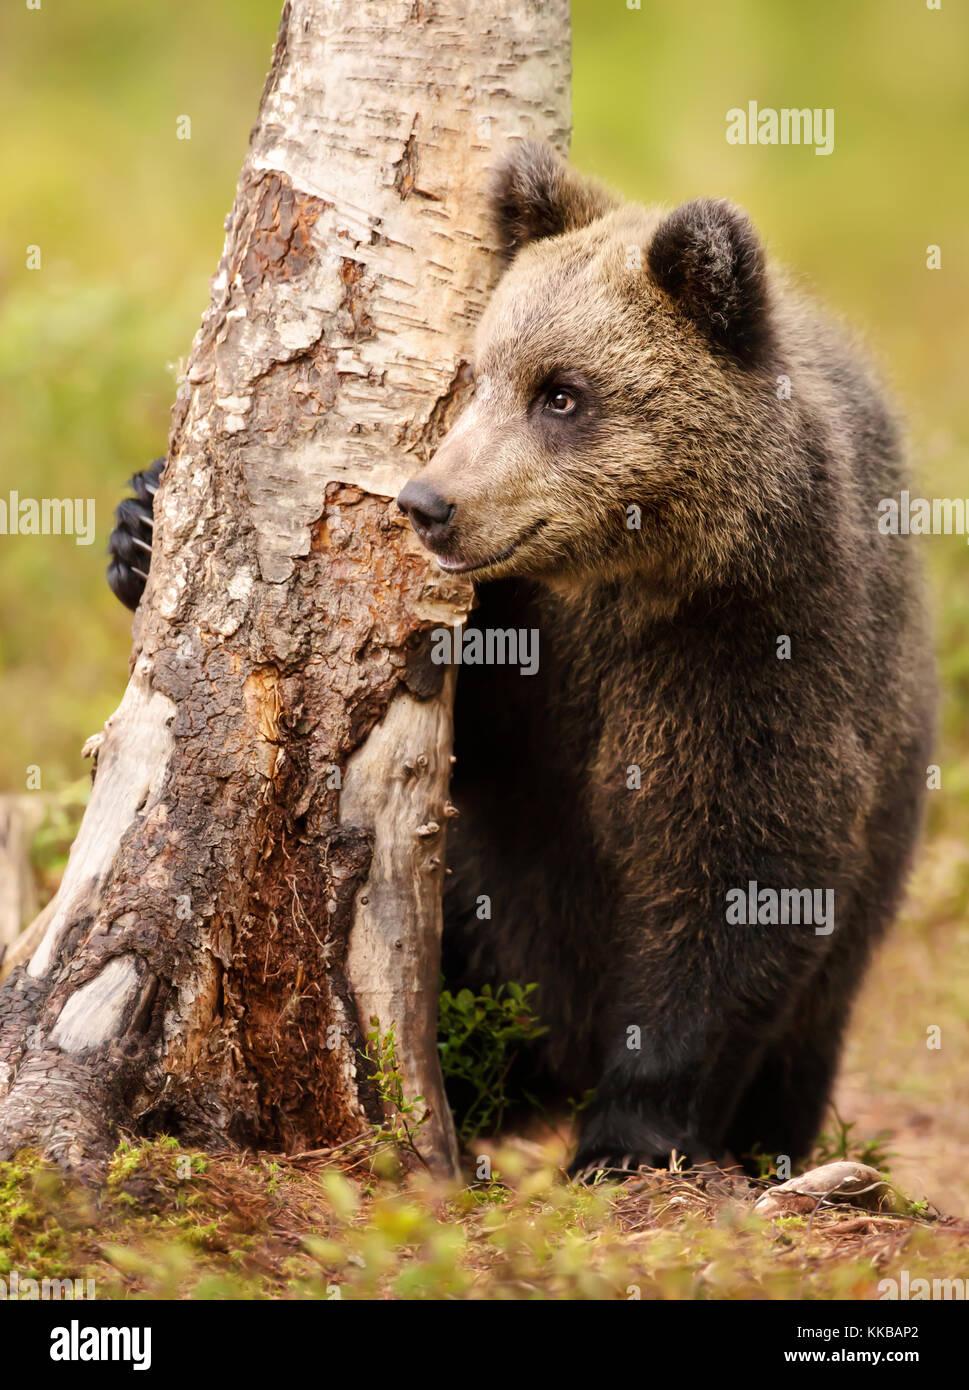 Eurasienne mignon petit ours brun ours mâles de se cacher derrière un arbre dans la forêt en été Photo Stock